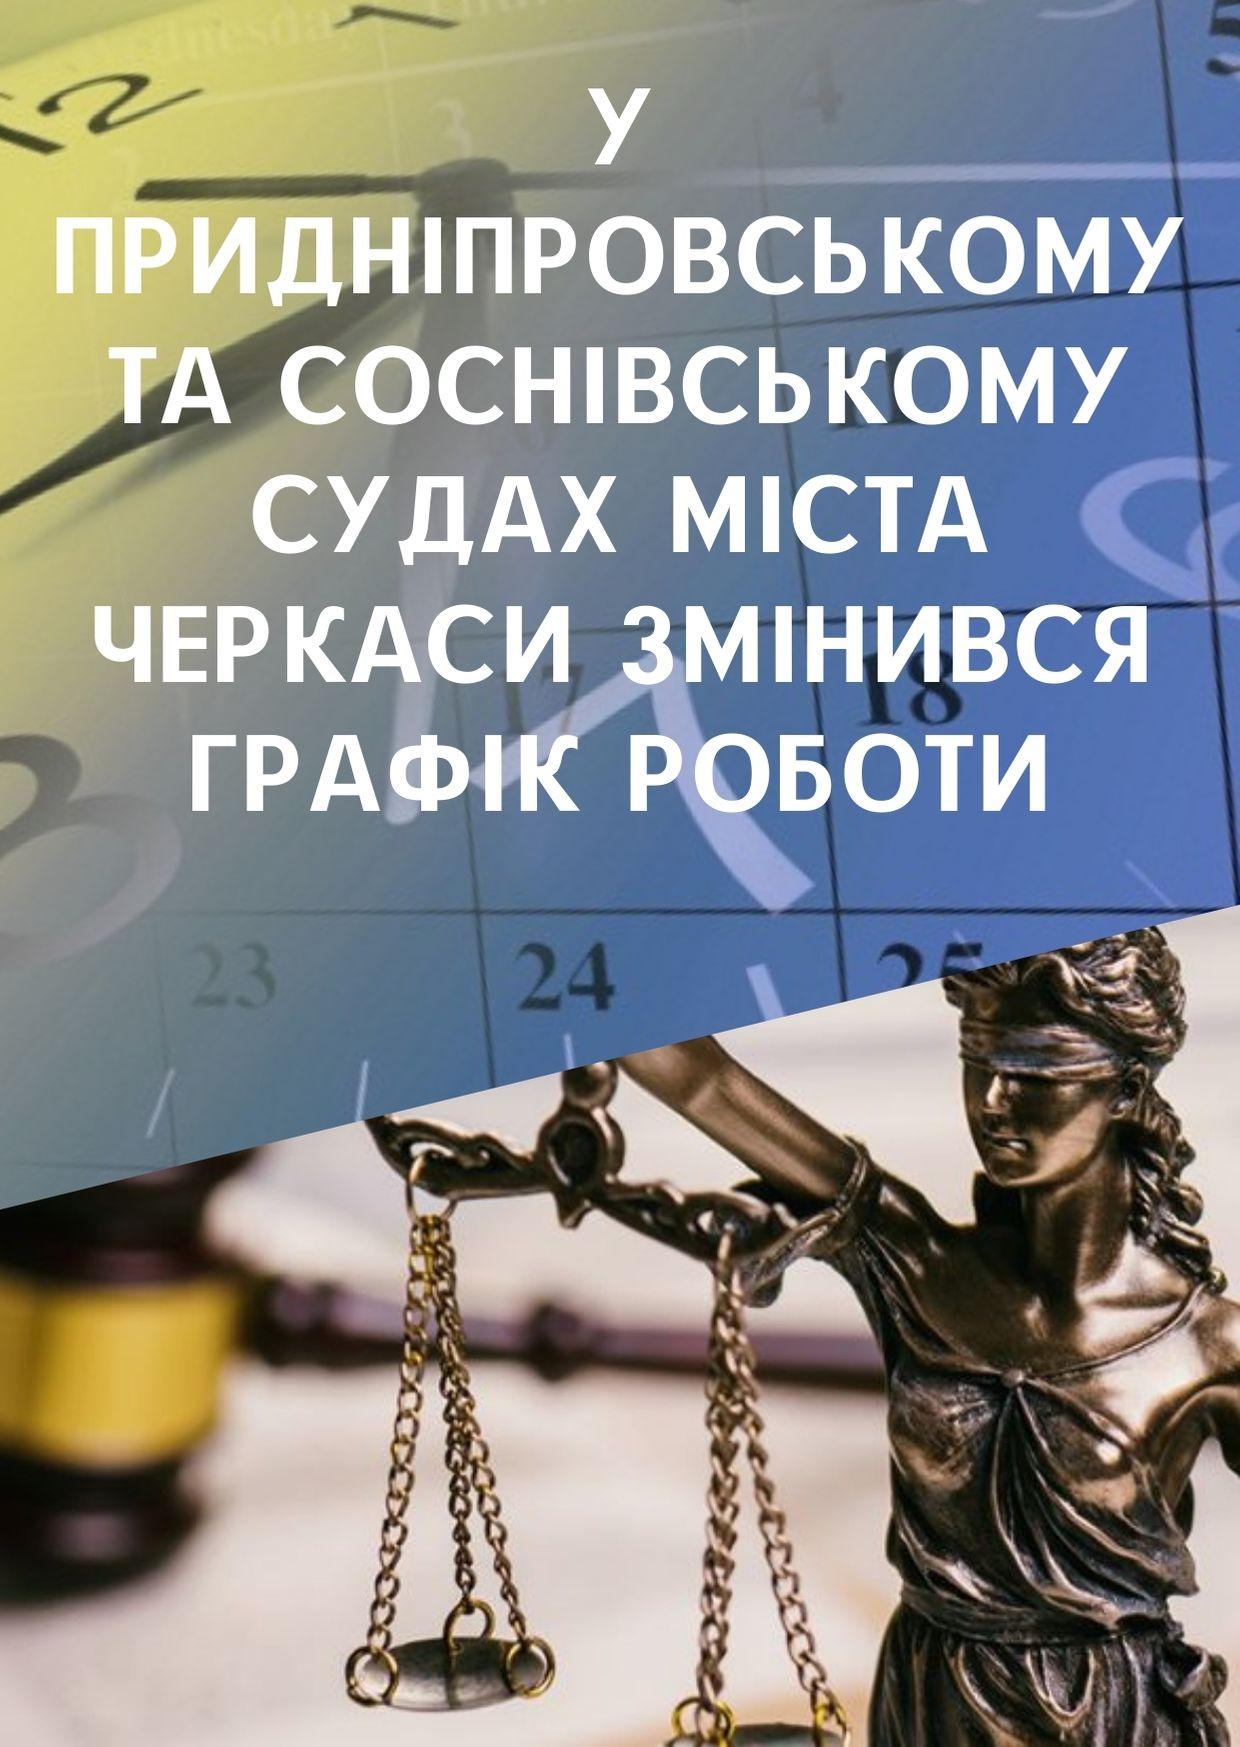 У Придніпровському та Соснівському судах міста Черкаси змінився графік роботи